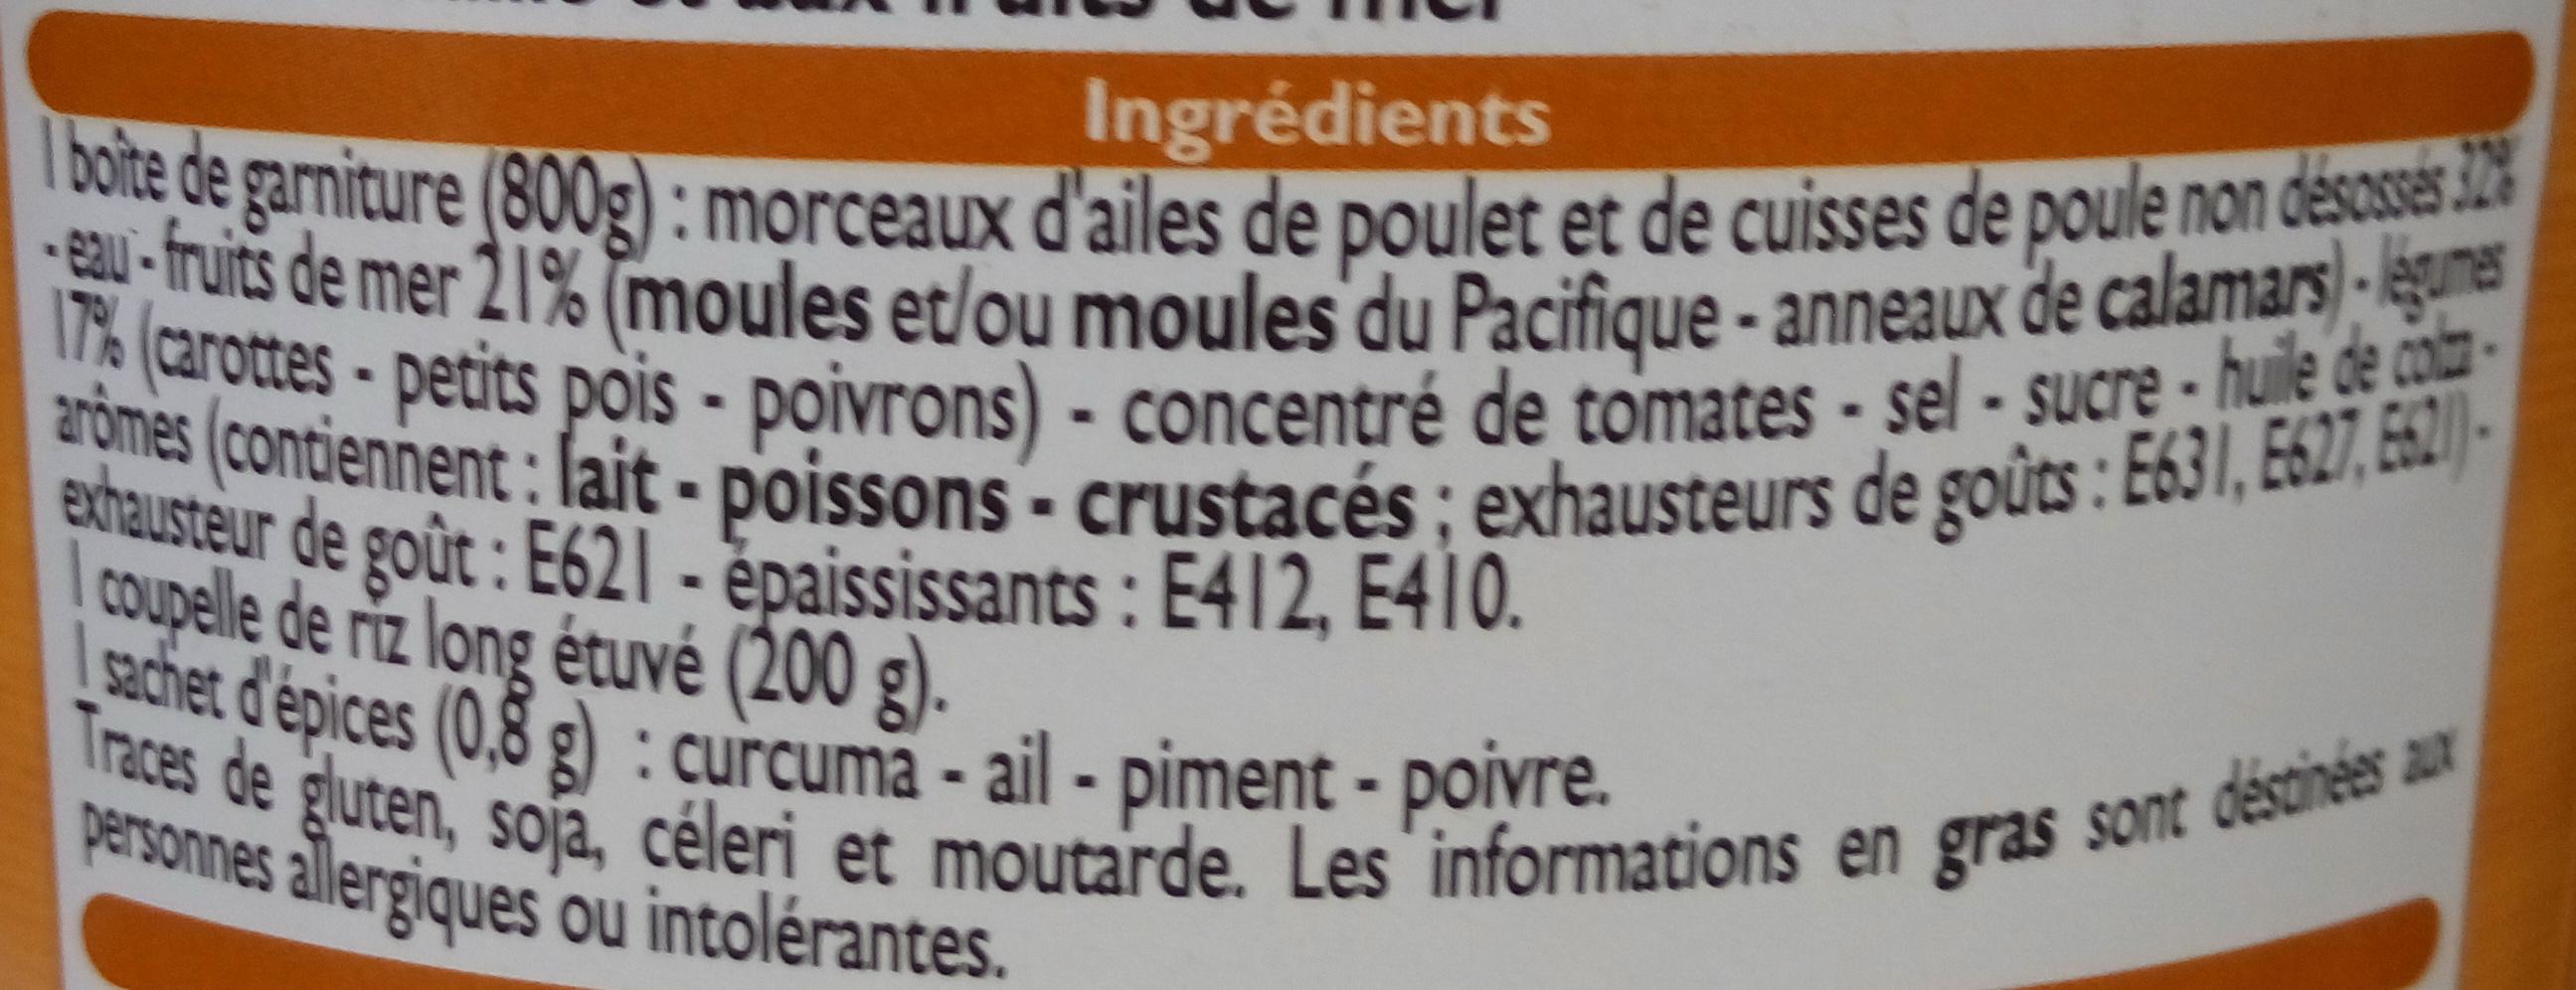 Paëlla à la volaille et aux fruits de mer - Ingrédients - fr